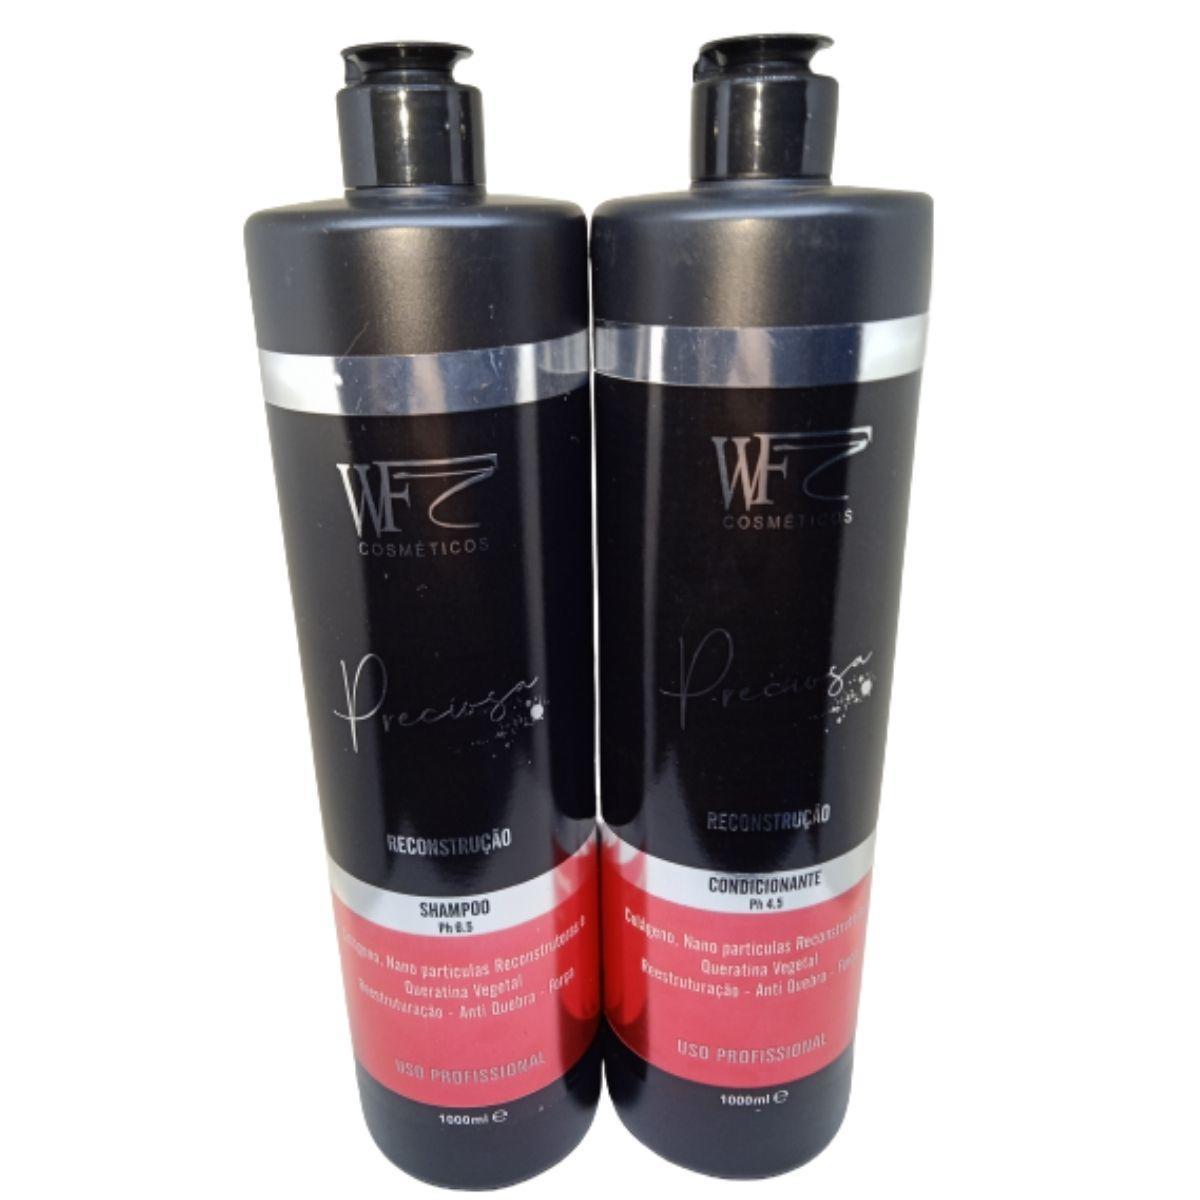 Kit Wf Cosméticos Preciosa  RECONTRUÇÃO Duo Professional (2 Produtos)